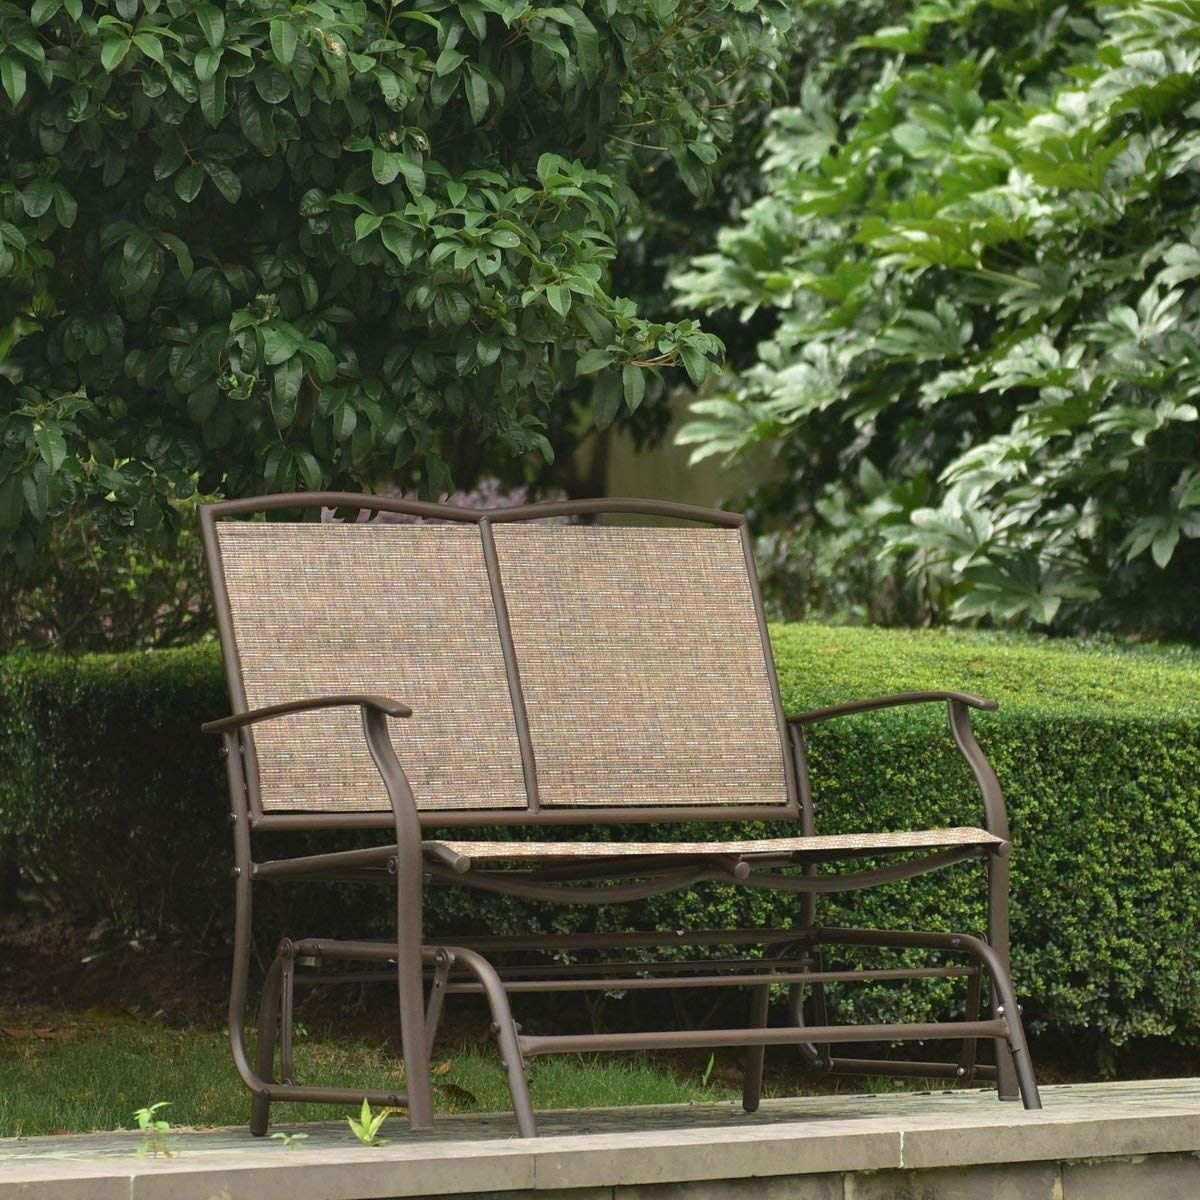 Leissu TRC-201 Balançoire de balançoire de patio, causeuse extérieure pour 2 personnes, fauteuil à bascule, brun